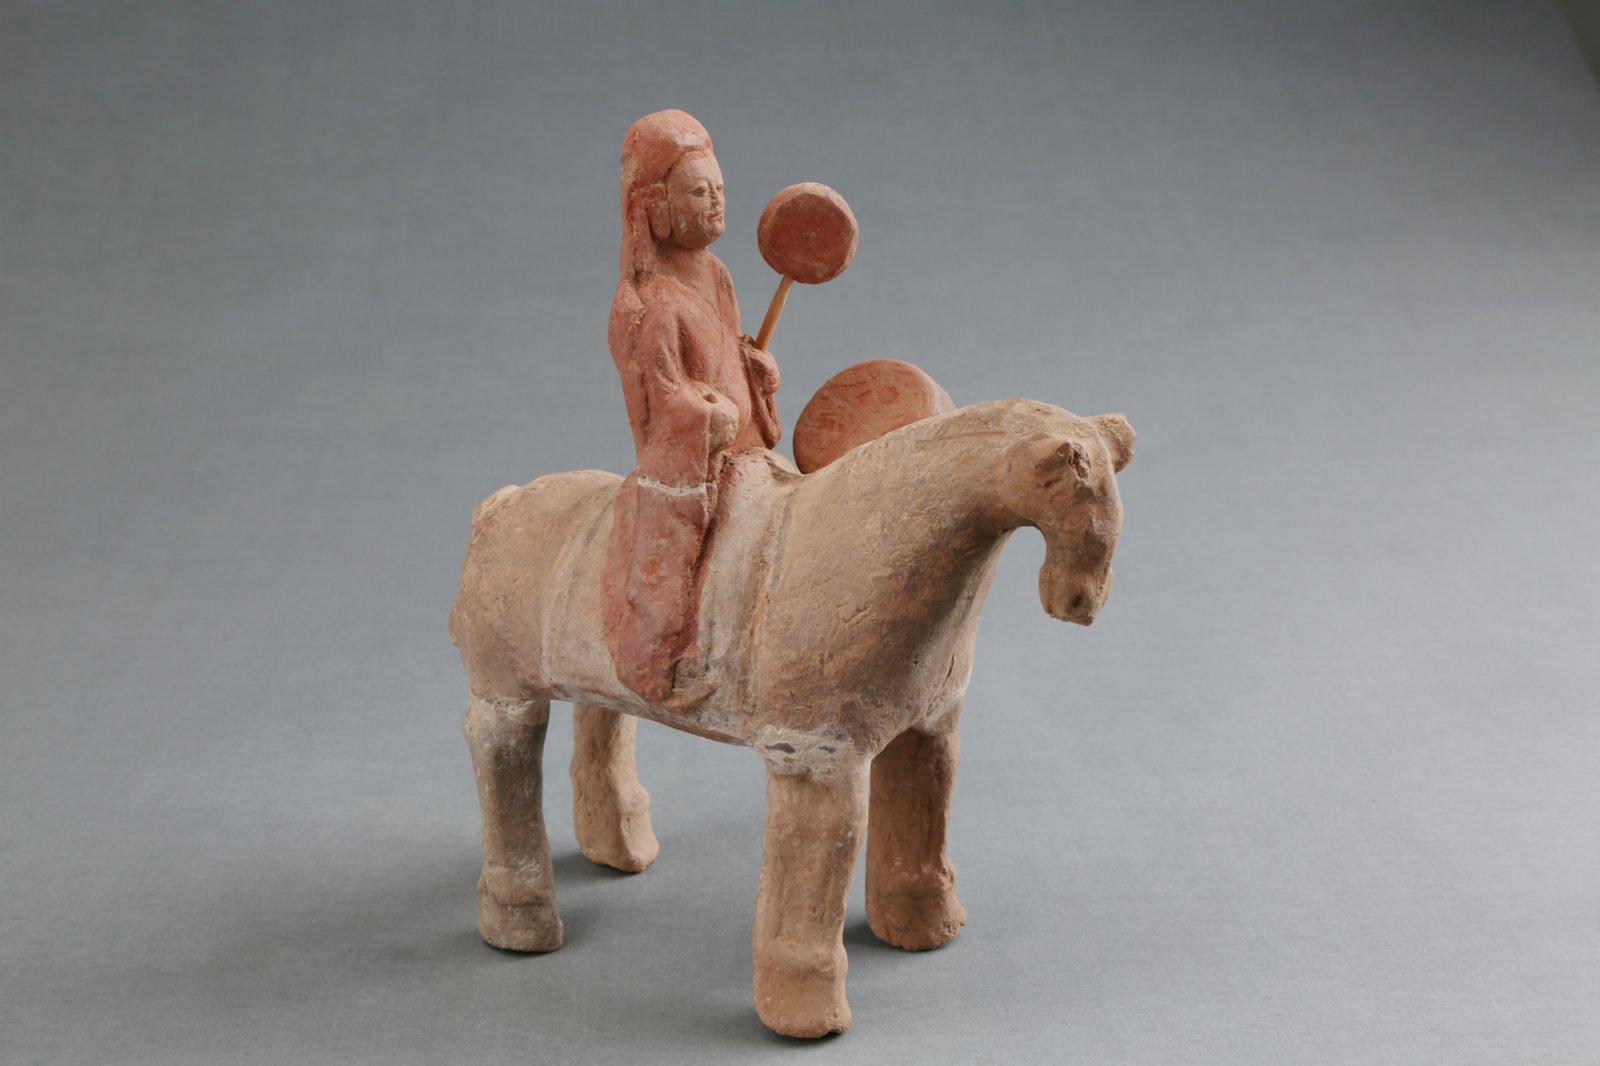 豆盧雋墓出土的擊鼓俑。(受訪者供圖)